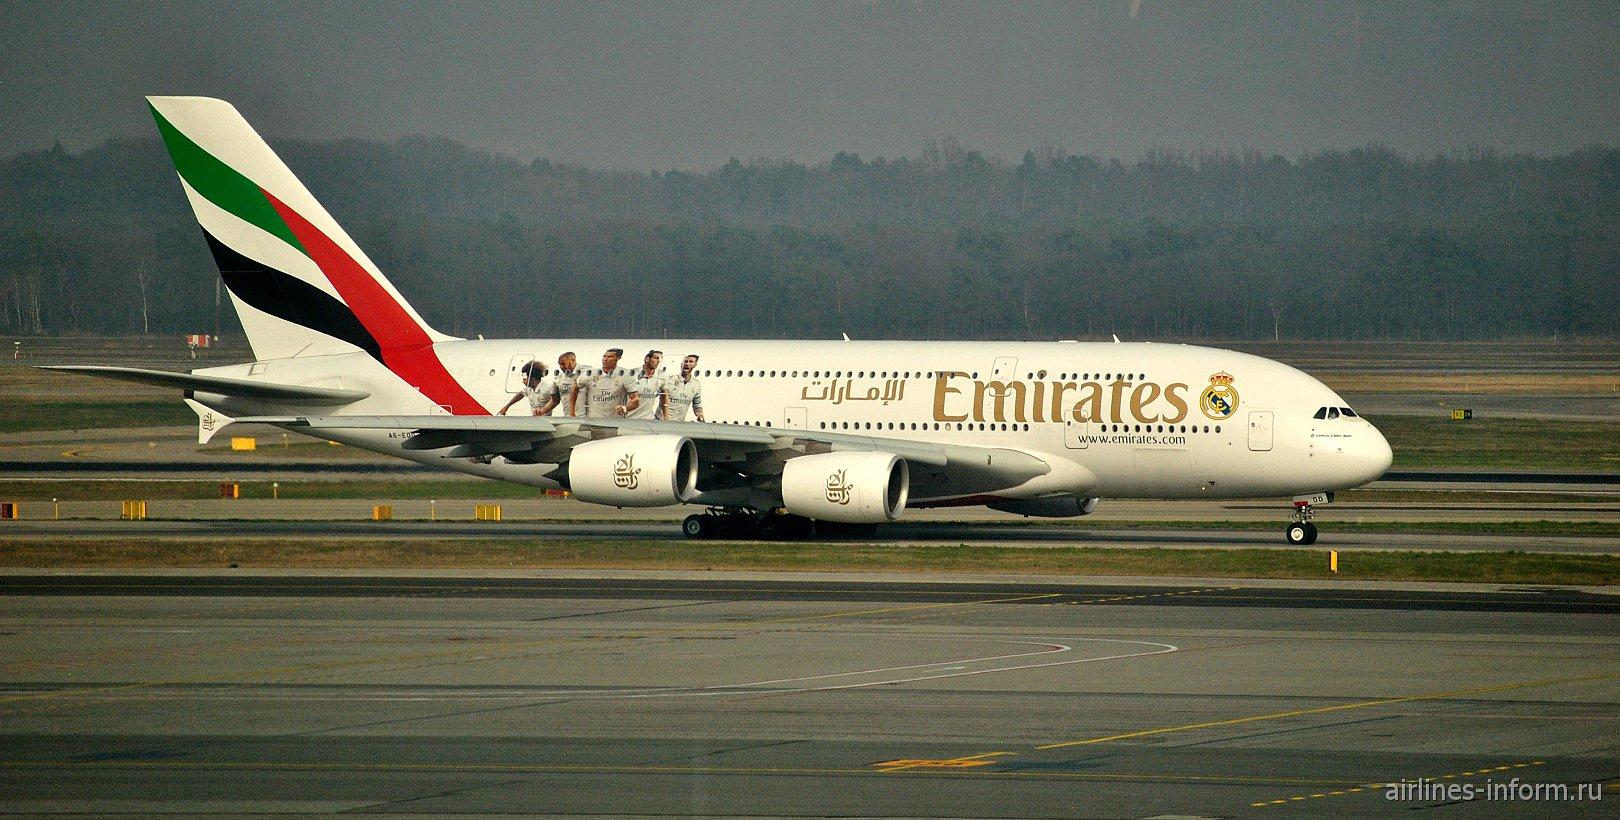 """Самолет Airbus A380 авиакомпании Emirates в специальной окраске футбольного клуба """"Реал Мадрид"""""""